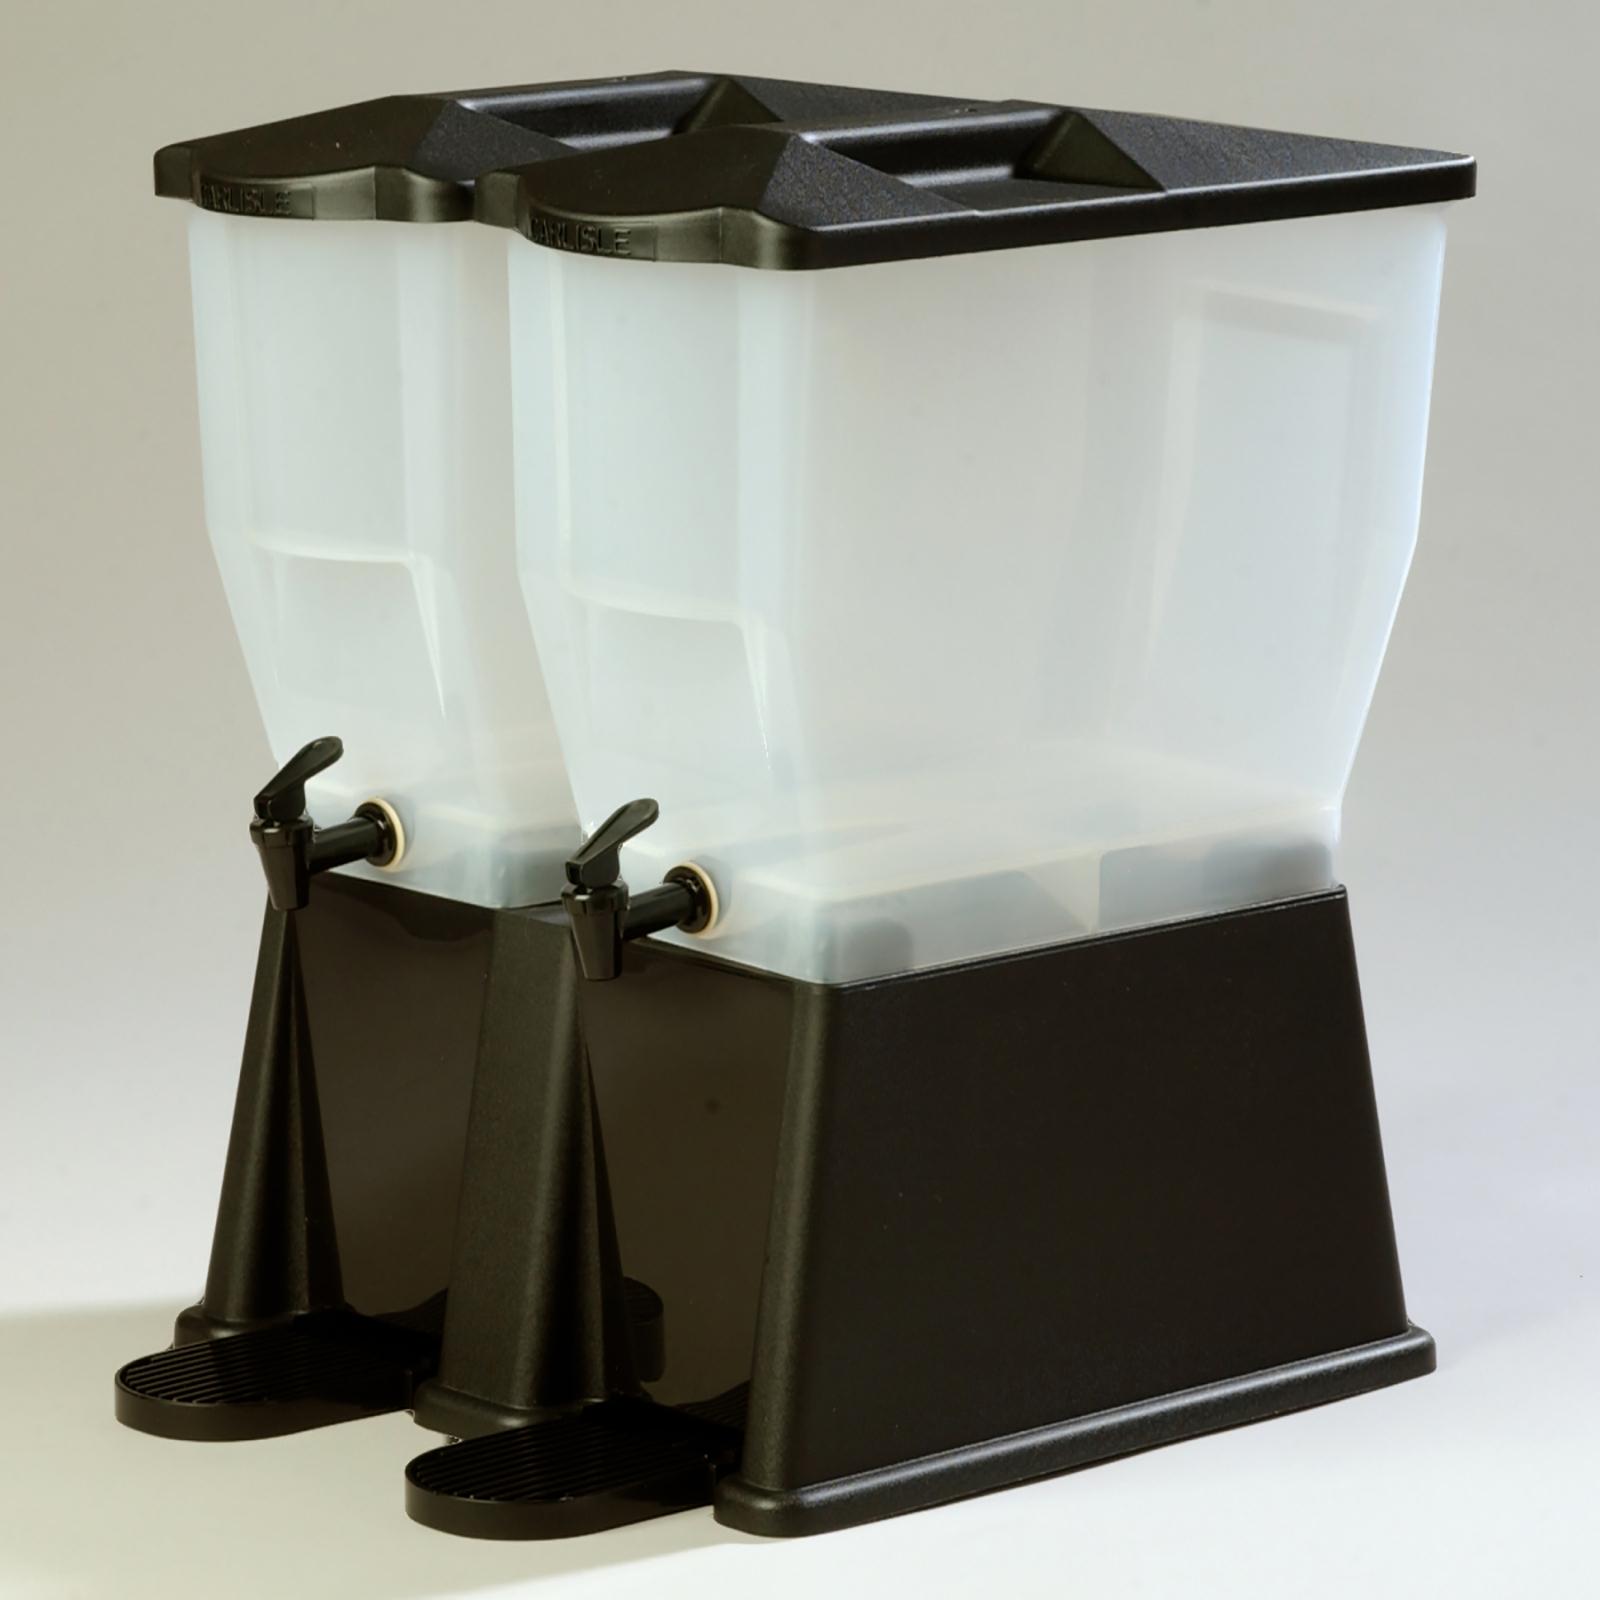 Carlisle 1085703 beverage dispenser, non-insulated